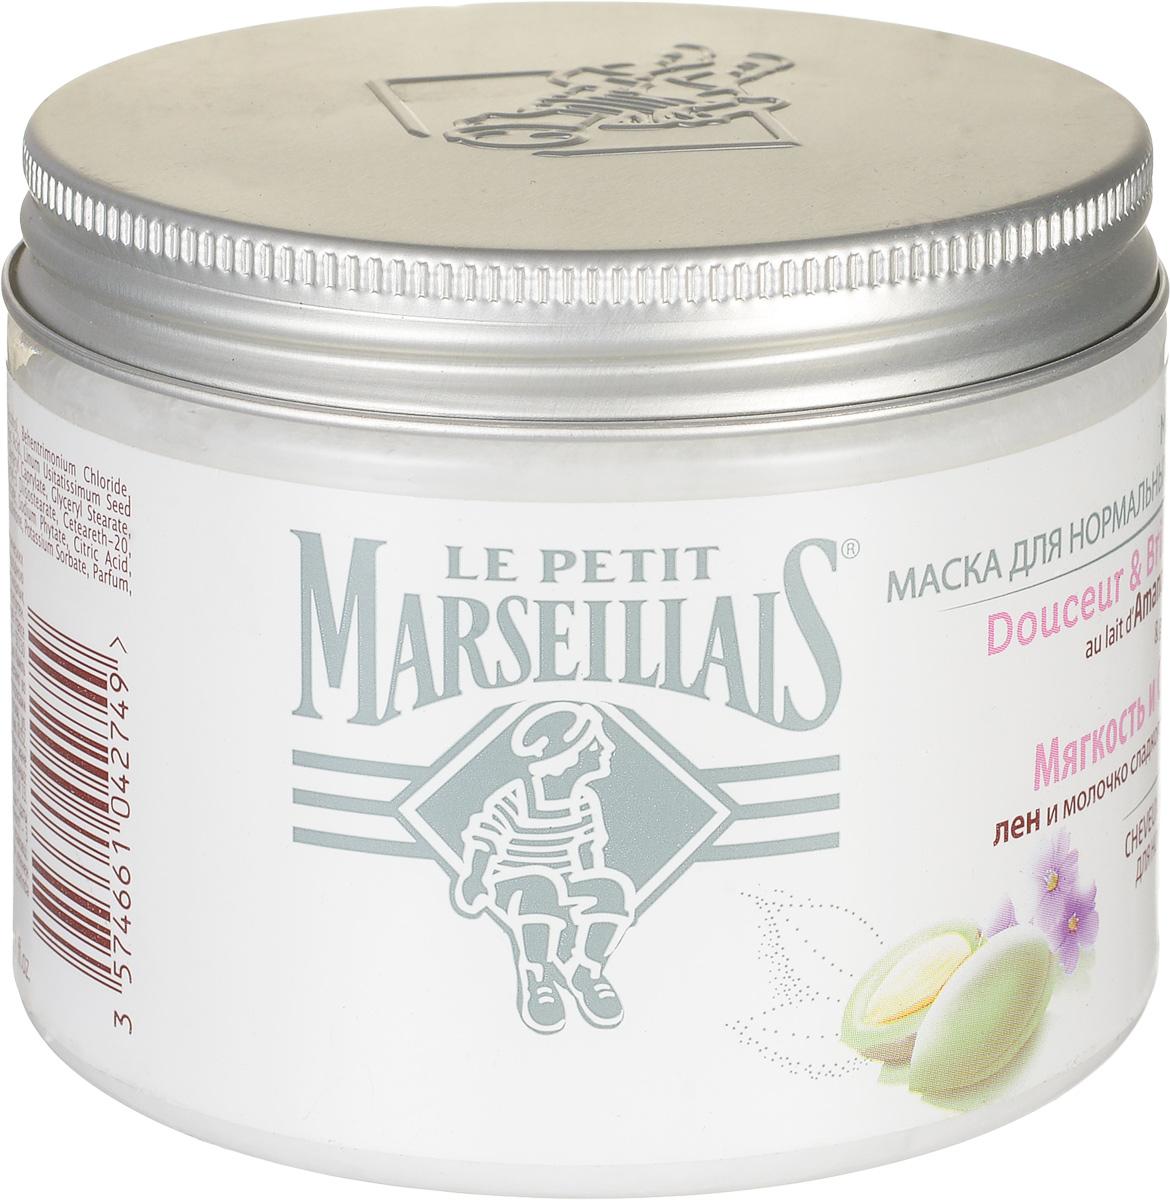 Le Petit Marseillais Маска Лен и молочко сладкого миндаля, для нормальных волос, 300 мл3034194Маска Le Petit Marseillais Лен и молочко сладкого миндаля питает и восстанавливает волосы. Они лучше защищены и дольше сохраняют цвет. Благодаря смягчающему действию миндаля волосы вновь становятся мягкими и красивыми. Применение : нанесите на влажные волосы по всей длине, оставьте на 3 минуты для достижения максимального эффекта и смойте. Характеристики: Объем: 300 мл. Артикул: 03034194. Производитель: Франция. Товар сертифицирован.